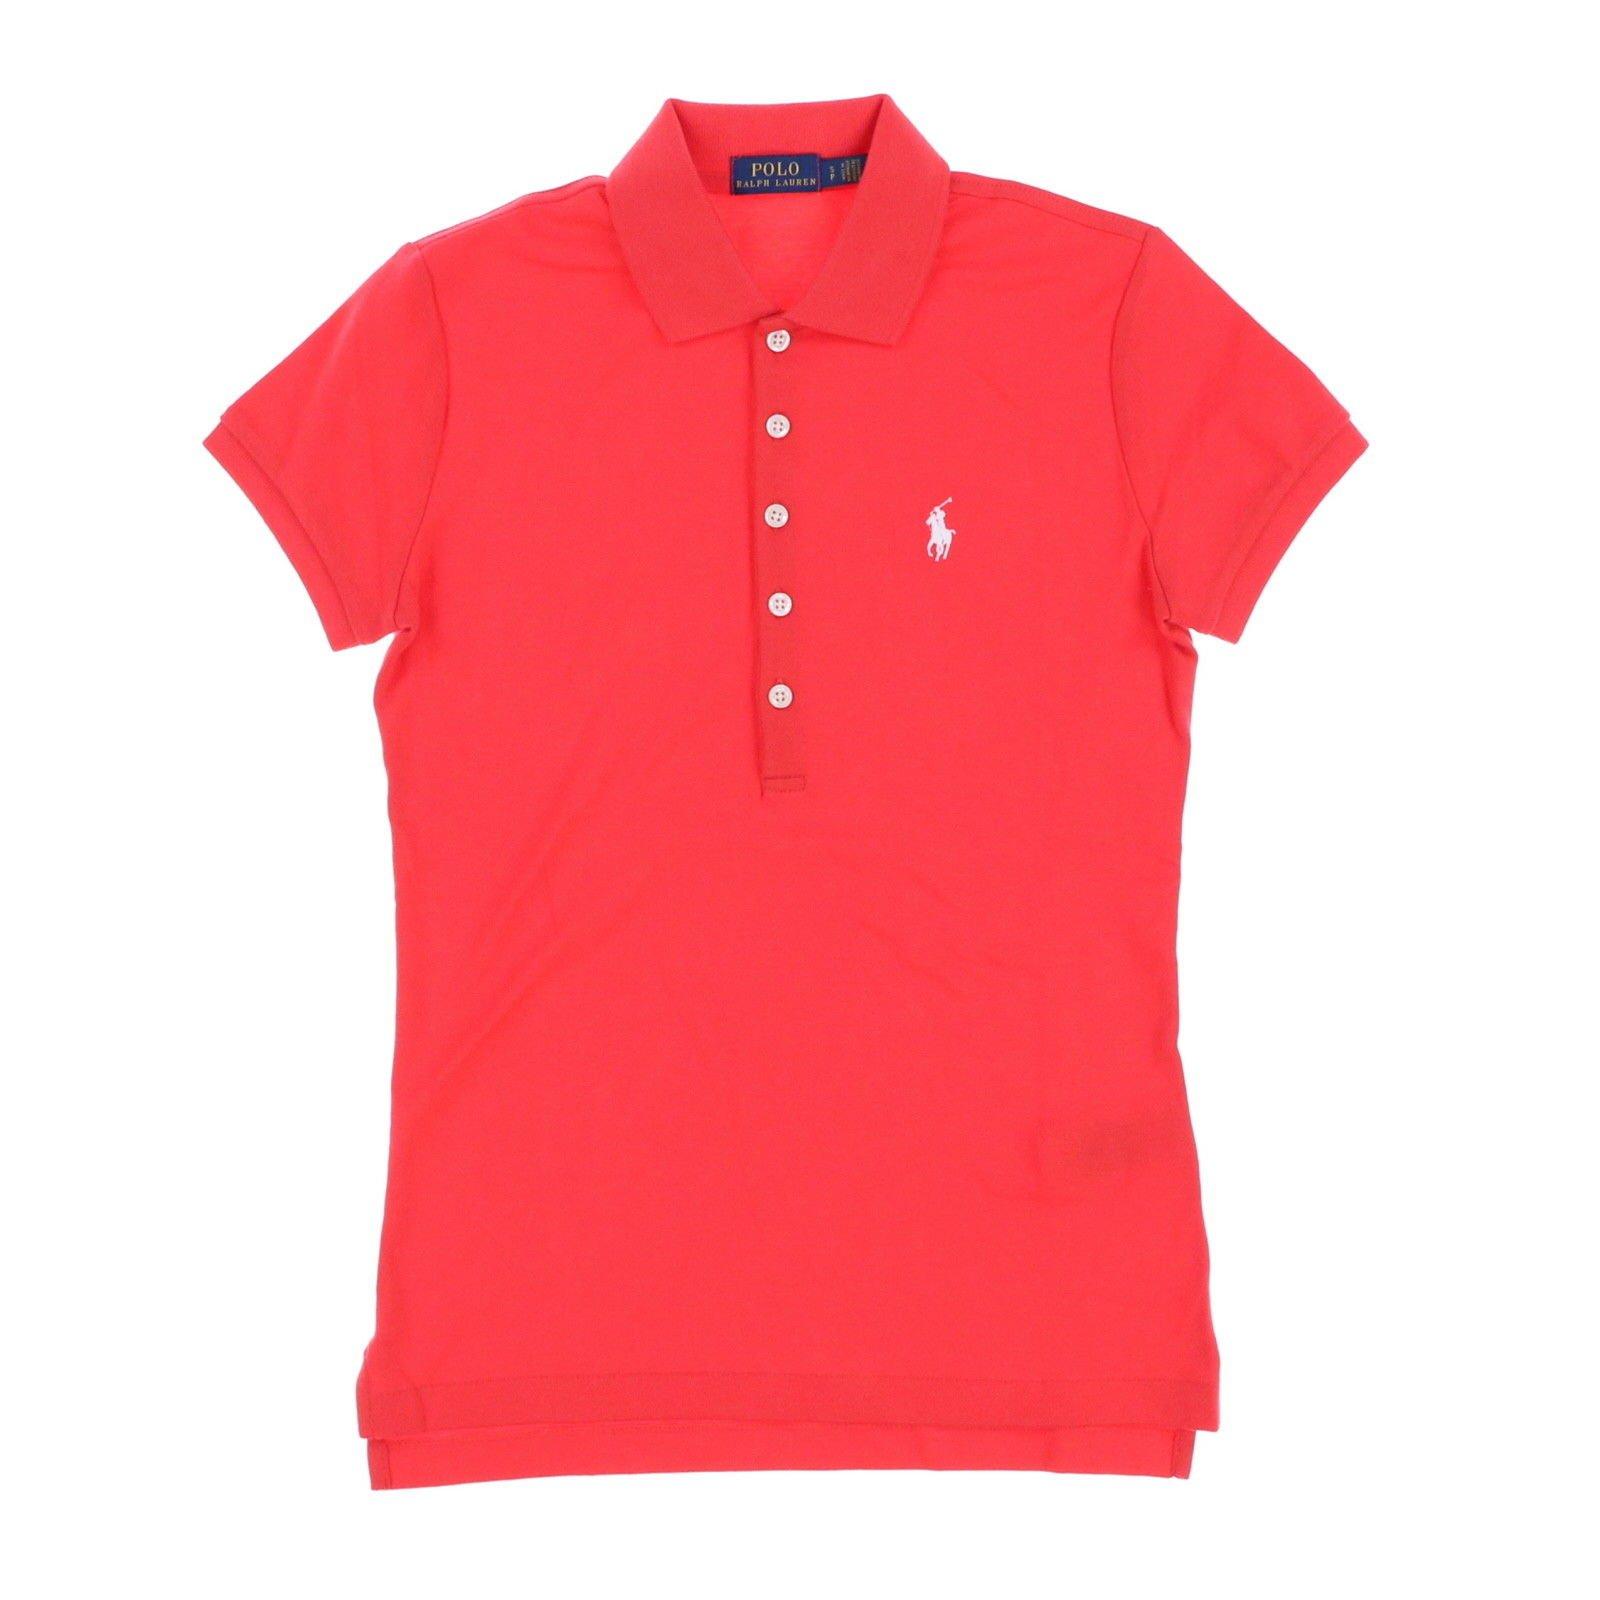 Polo Ralph Lauren Womens Polo Shirt (Medium, Coral)